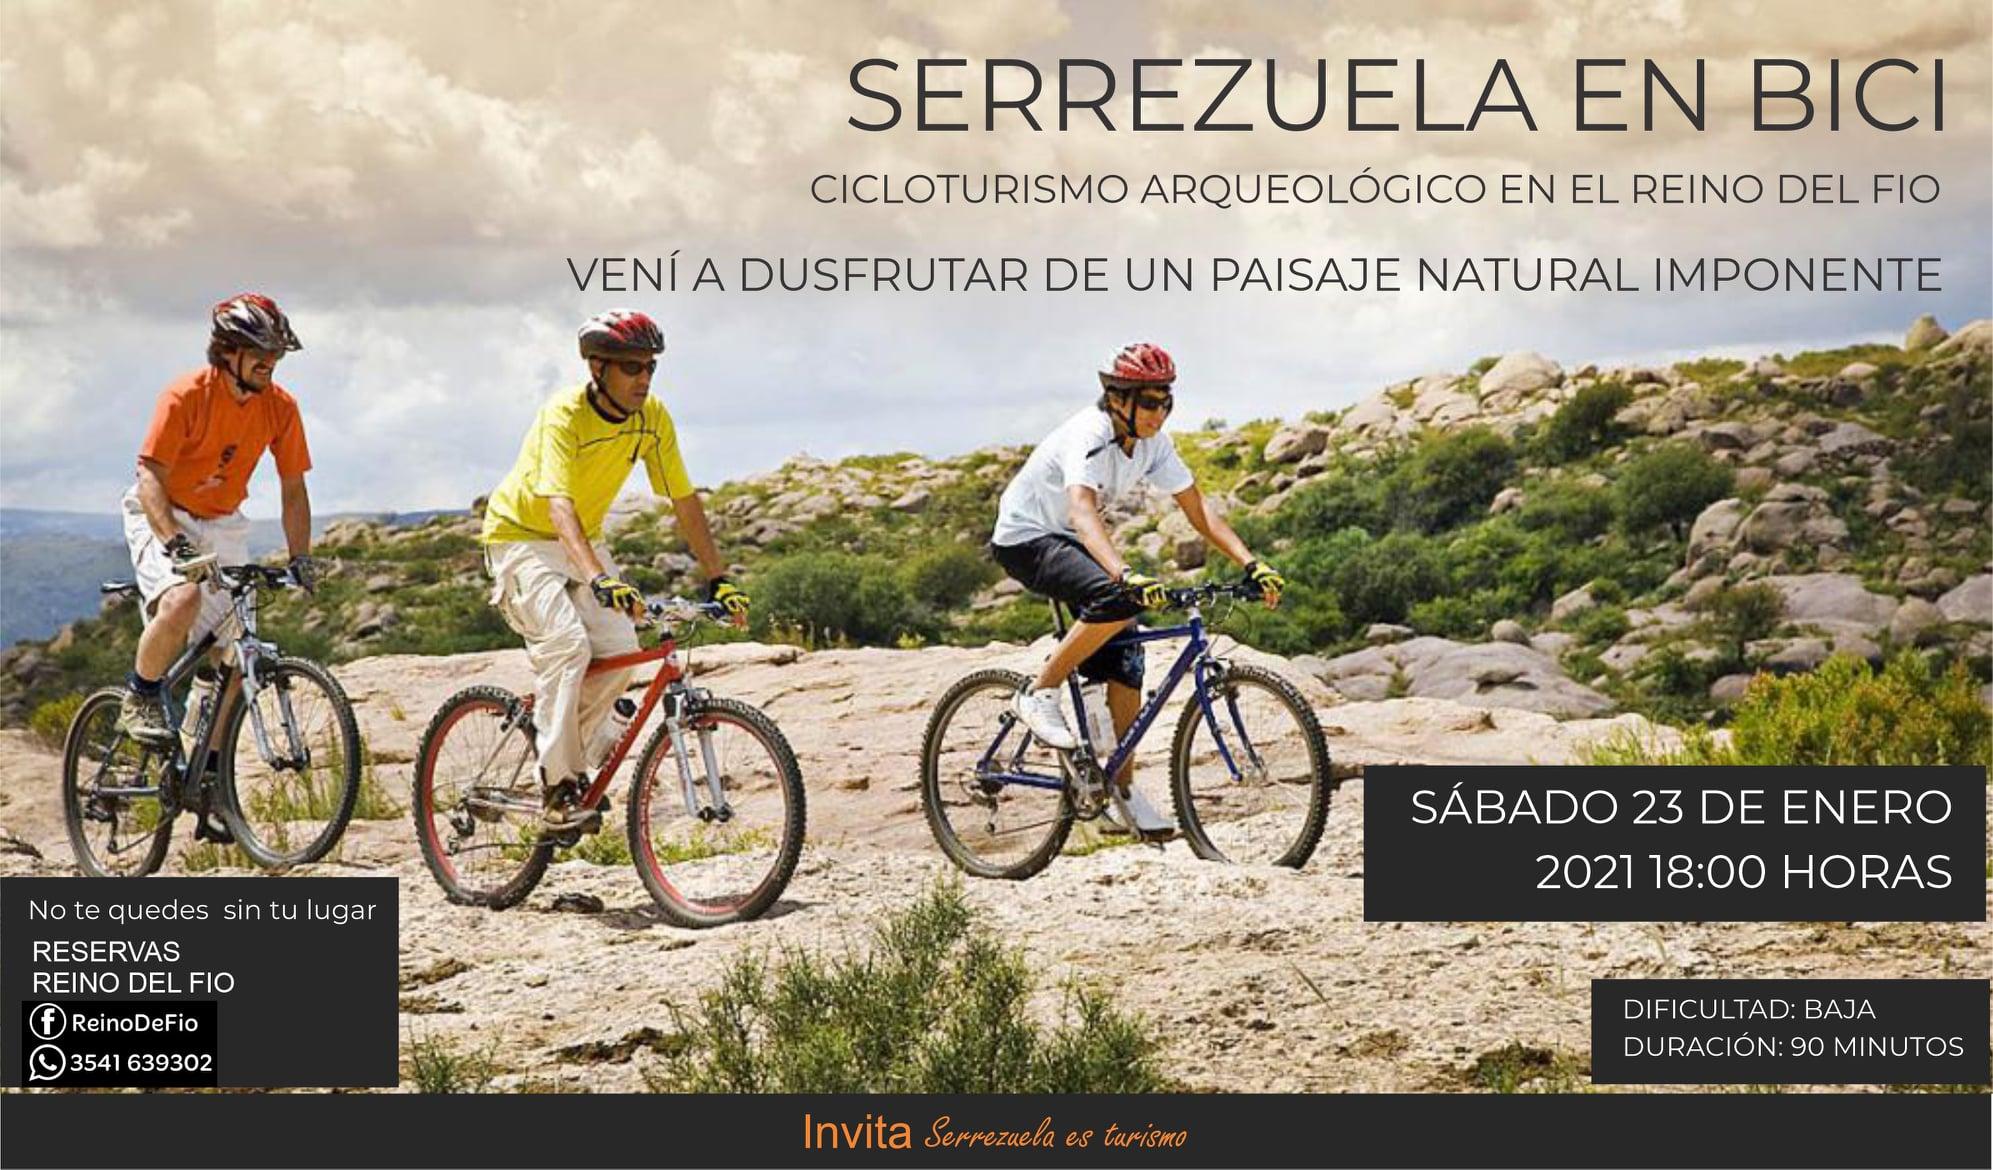 Serrezuela en bici: un recorrido increíble con paisajes imponentes